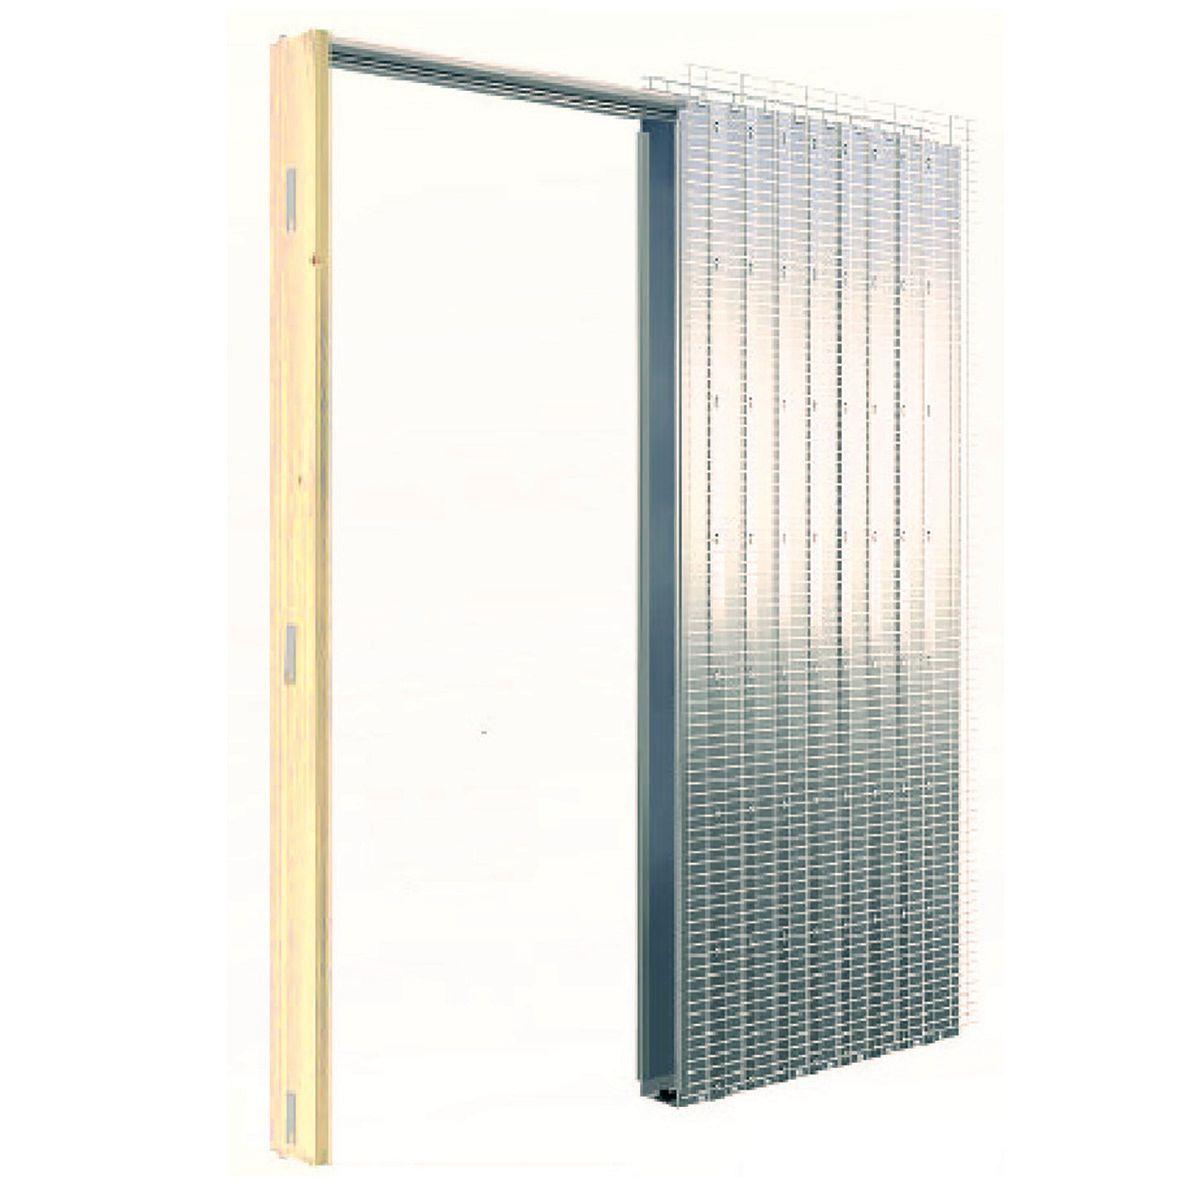 Controtelaio porta scorrevole per intonaco 80 x 210 cm: prezzi e ...